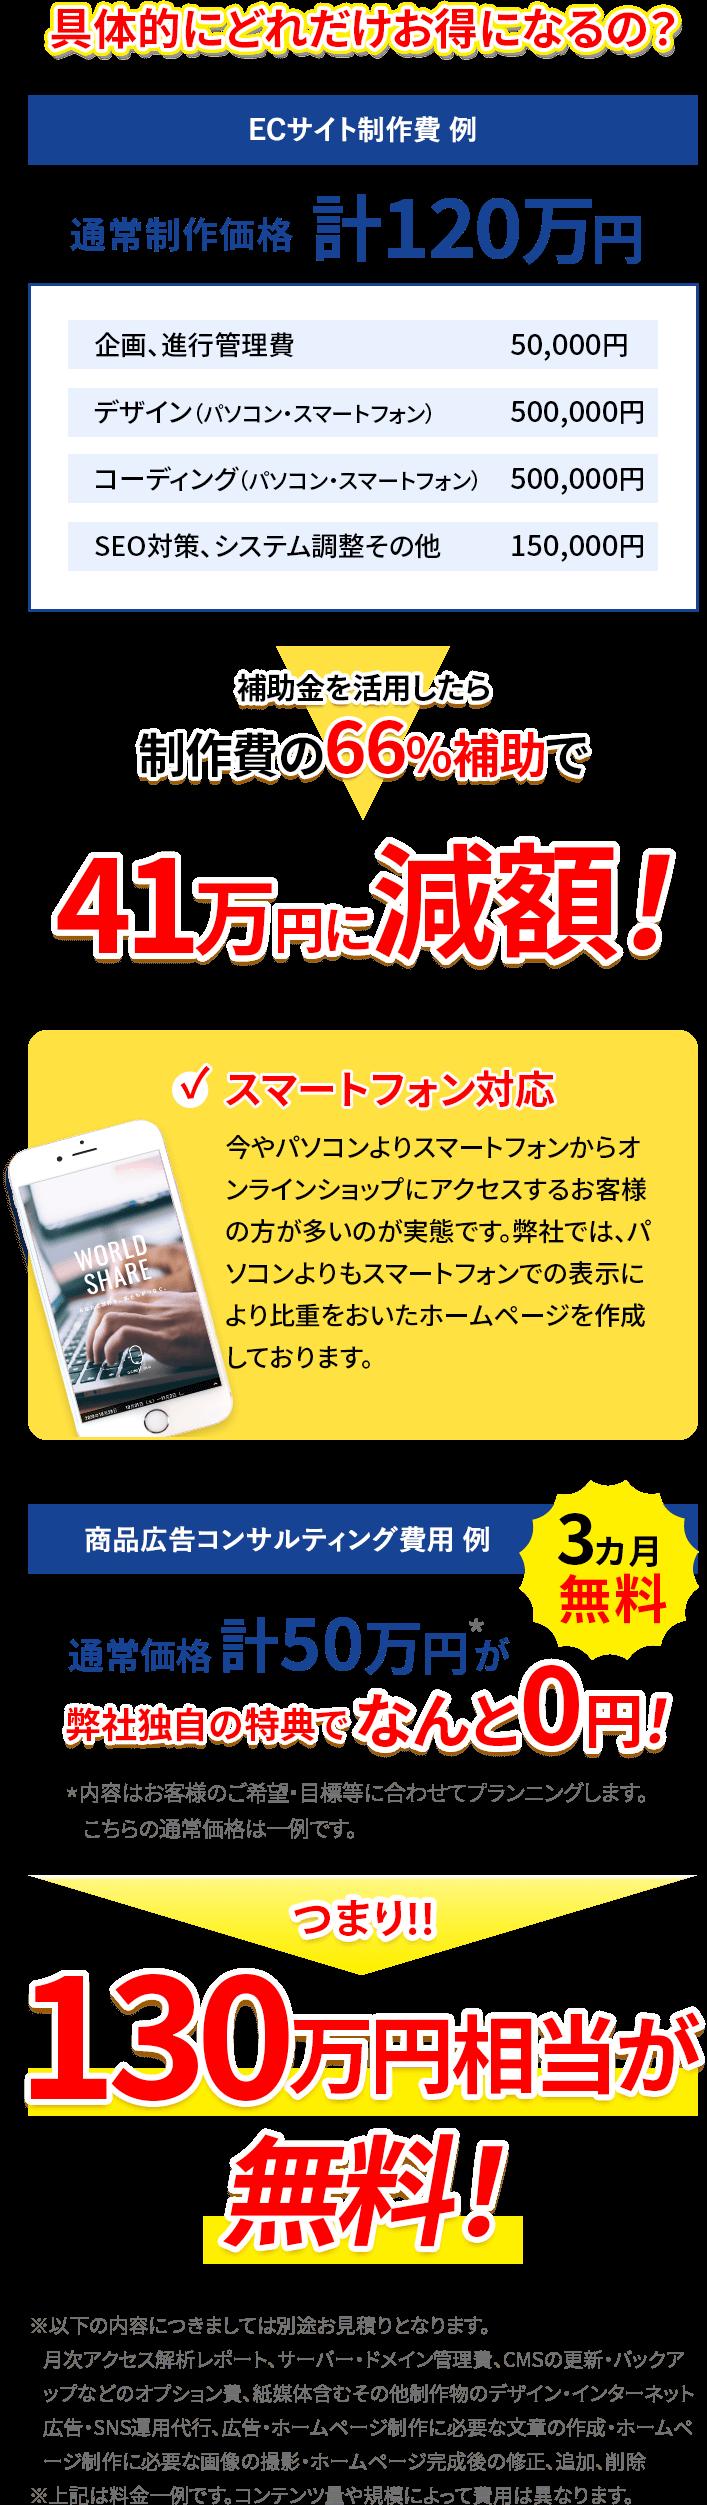 130万円相当が無料!